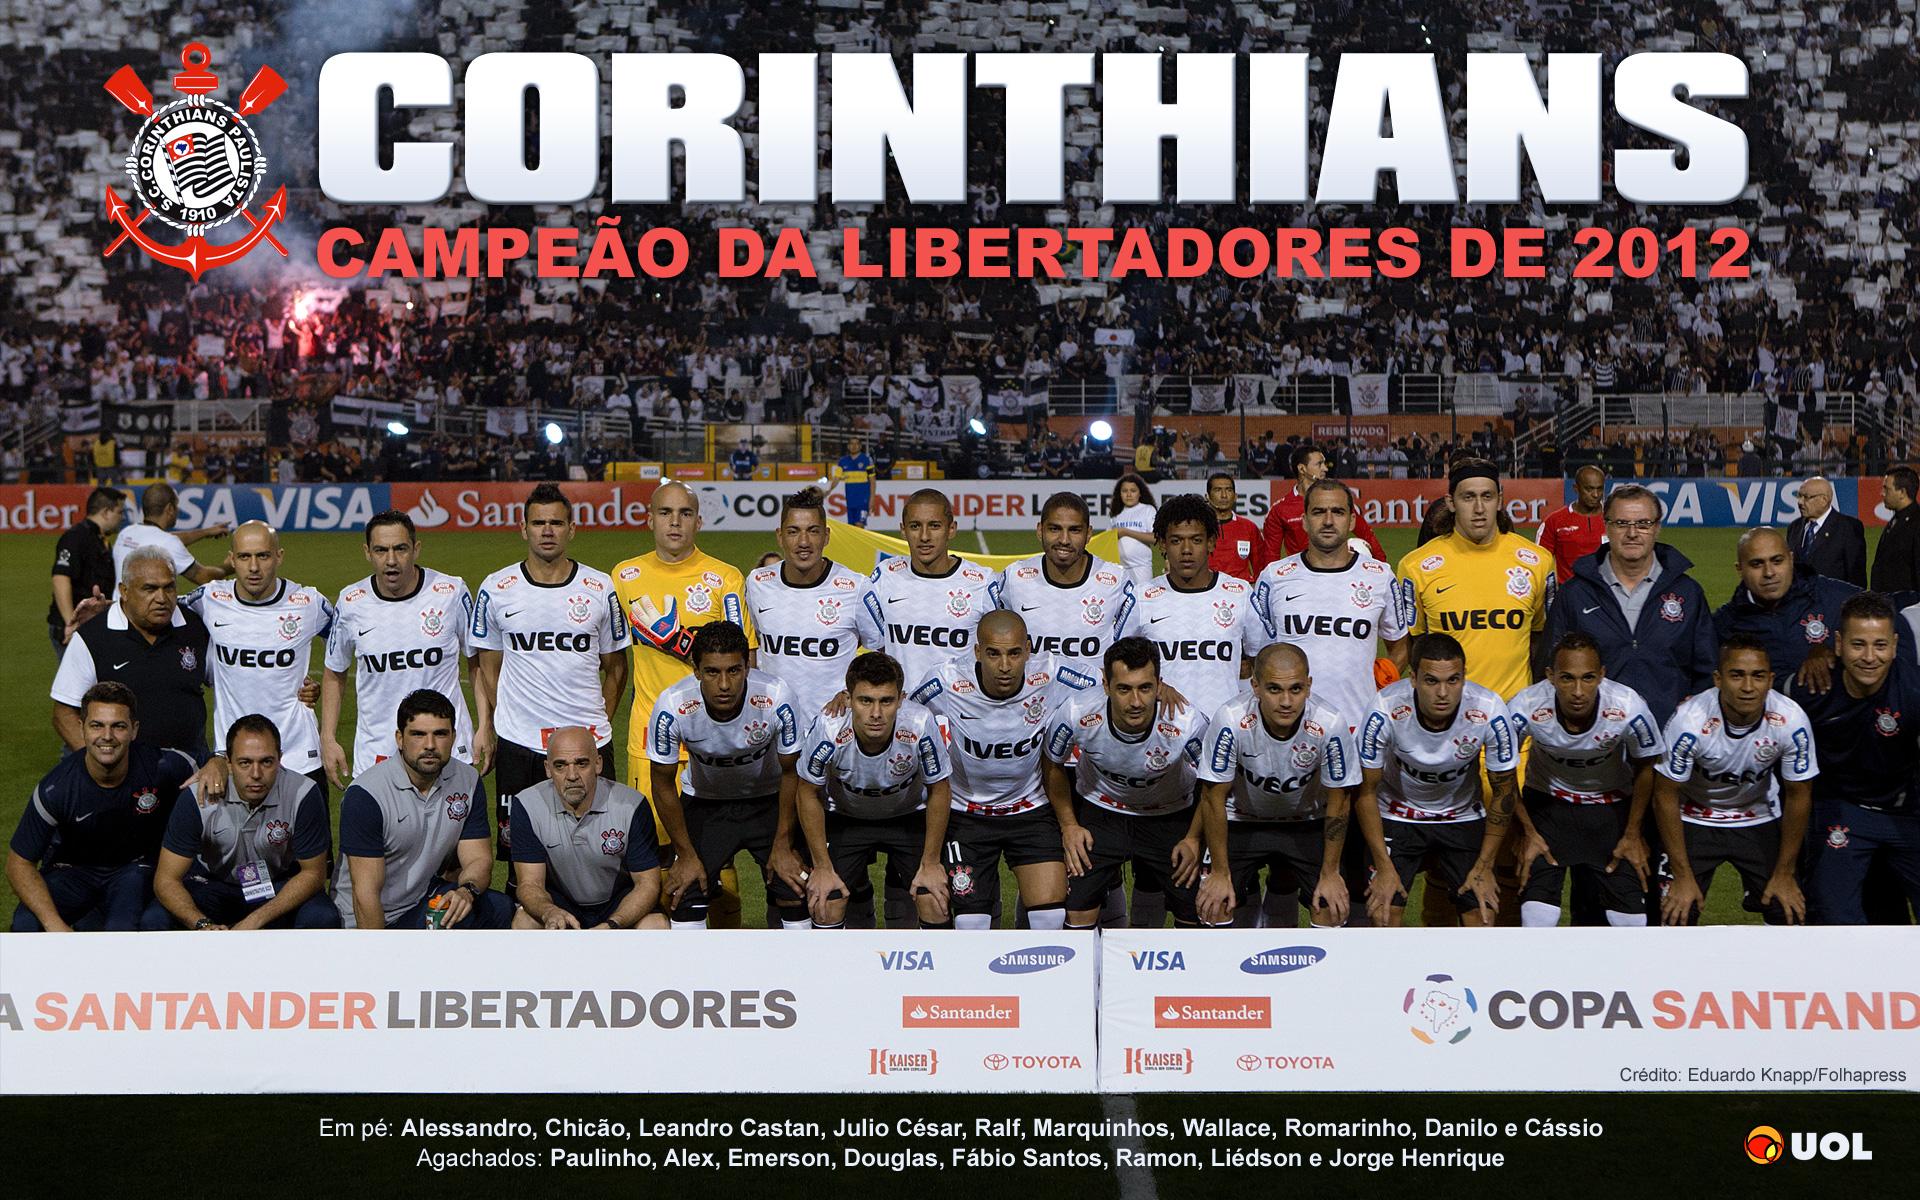 Wallpaper Corinthians Campeão da Libertadores 2012 - 04